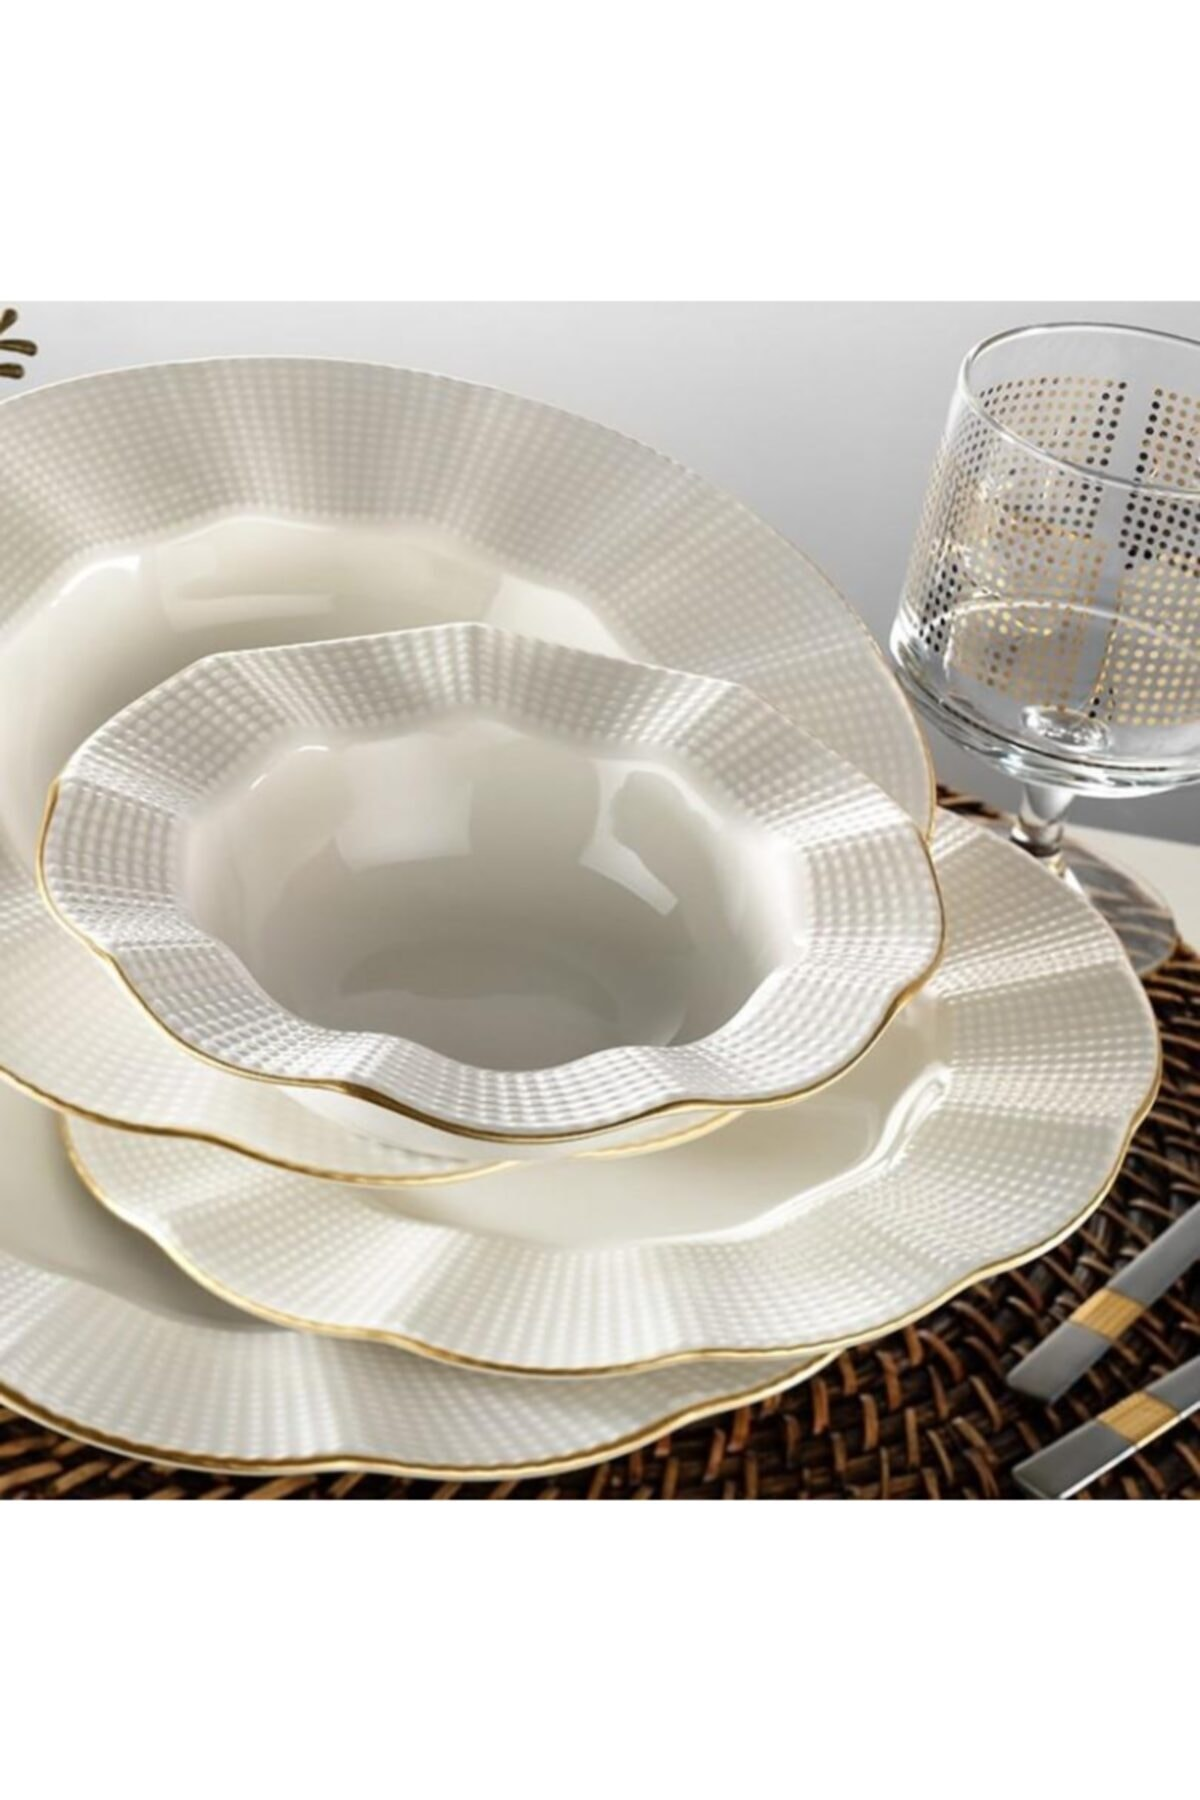 Kütahya Porselen Milena Altın Yaldızlı 24 Parça Yemek Takımı Krem Mln24y214r520 1